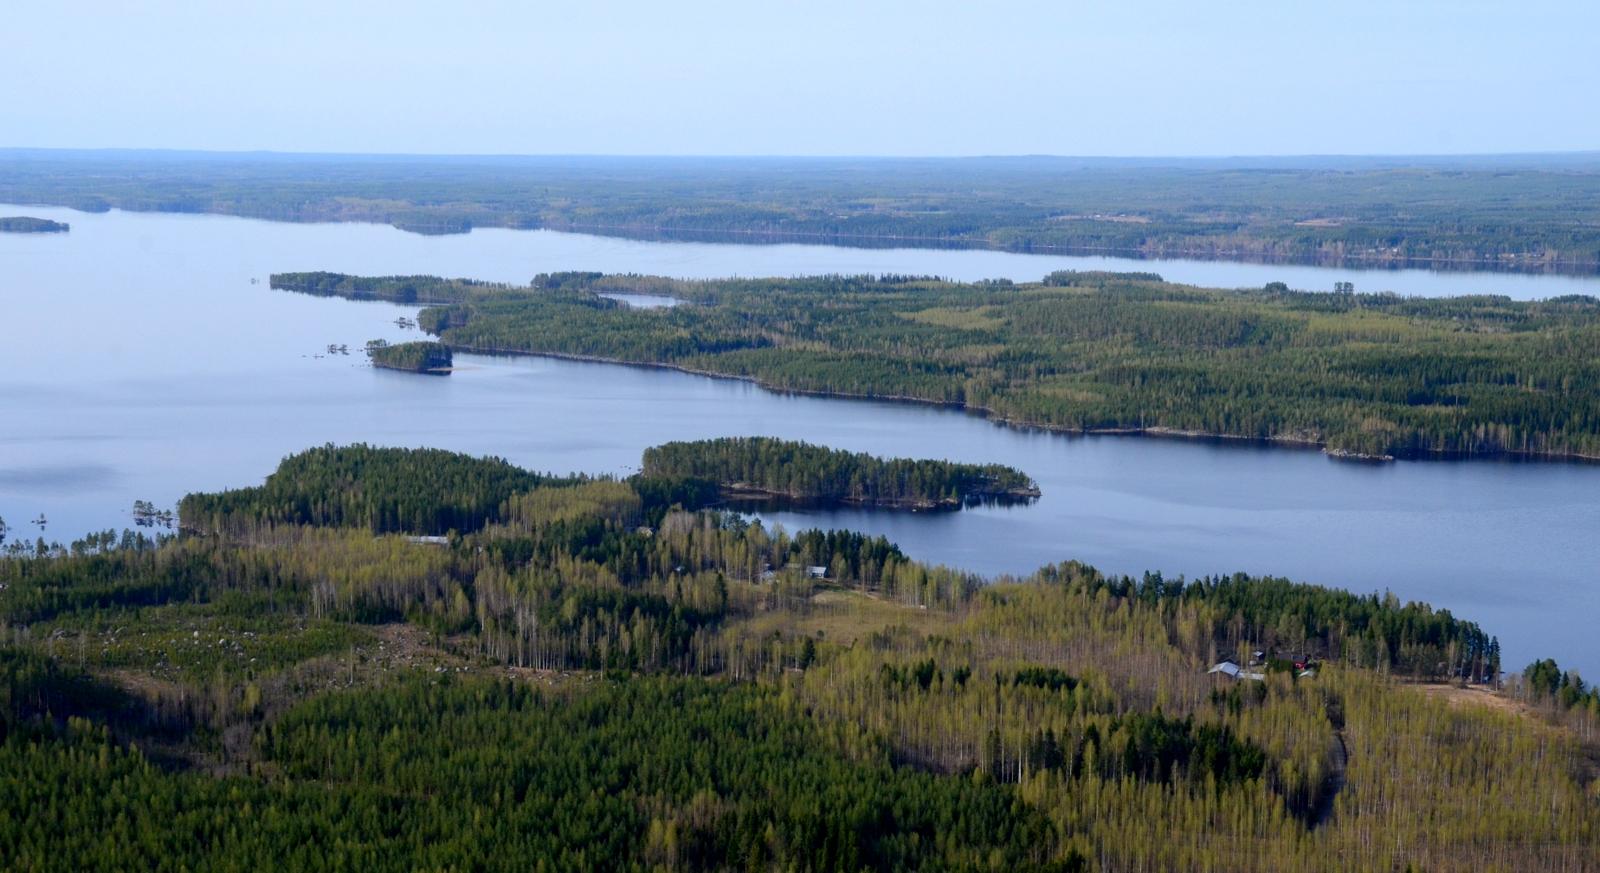 Lähimpänä Paloranta, niemi taaempana on Järkiniemi.